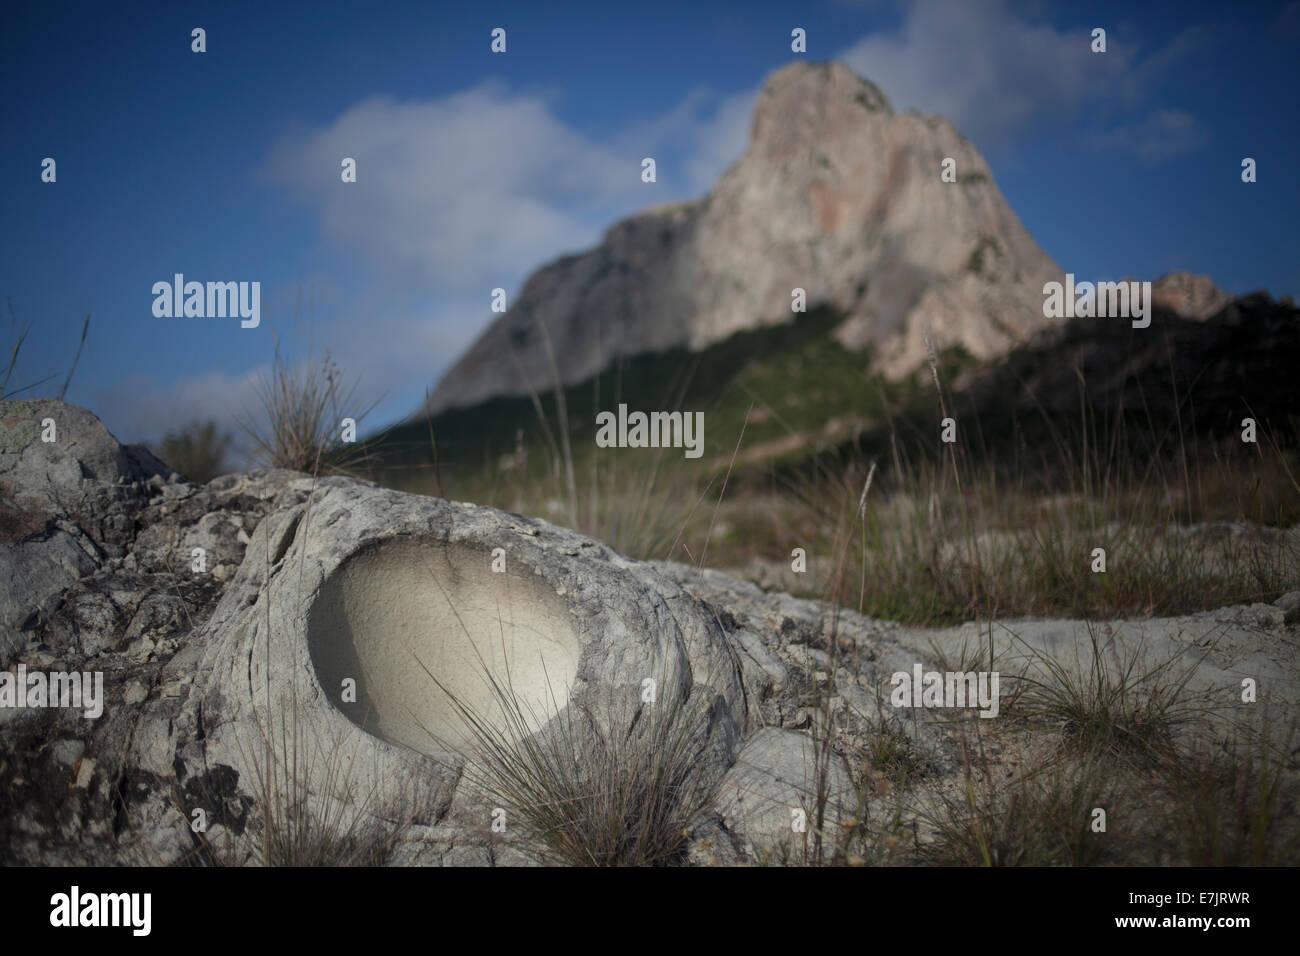 Fossilized imprint of a dinosaur egg in front of the Pena de Bernal monolithic mountain, San Sebastian Bernal, Queretaro, - Stock Image